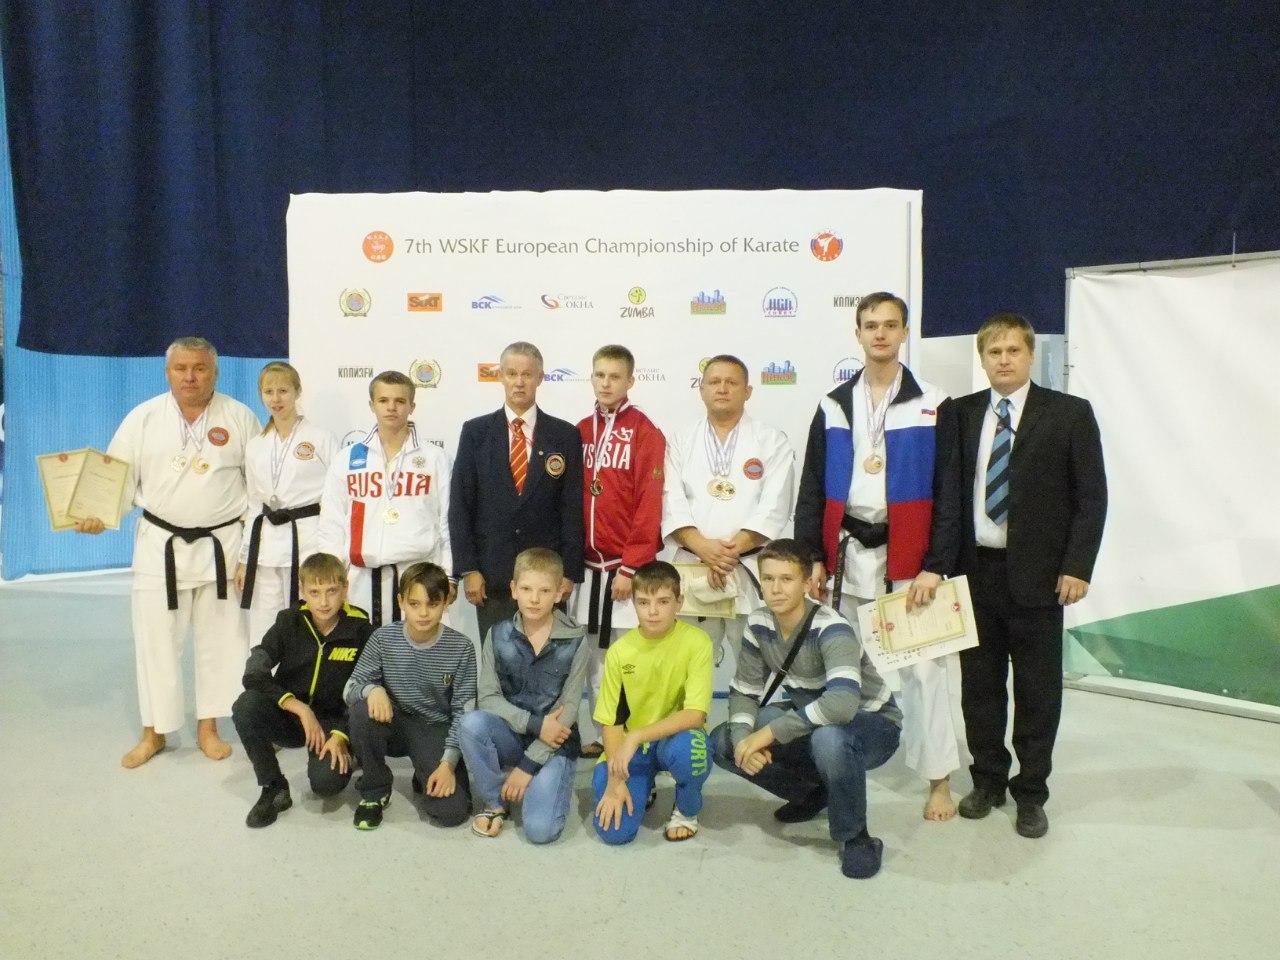 Таганрогские каратисты в составе сборной России завоевали общекомандное первое место